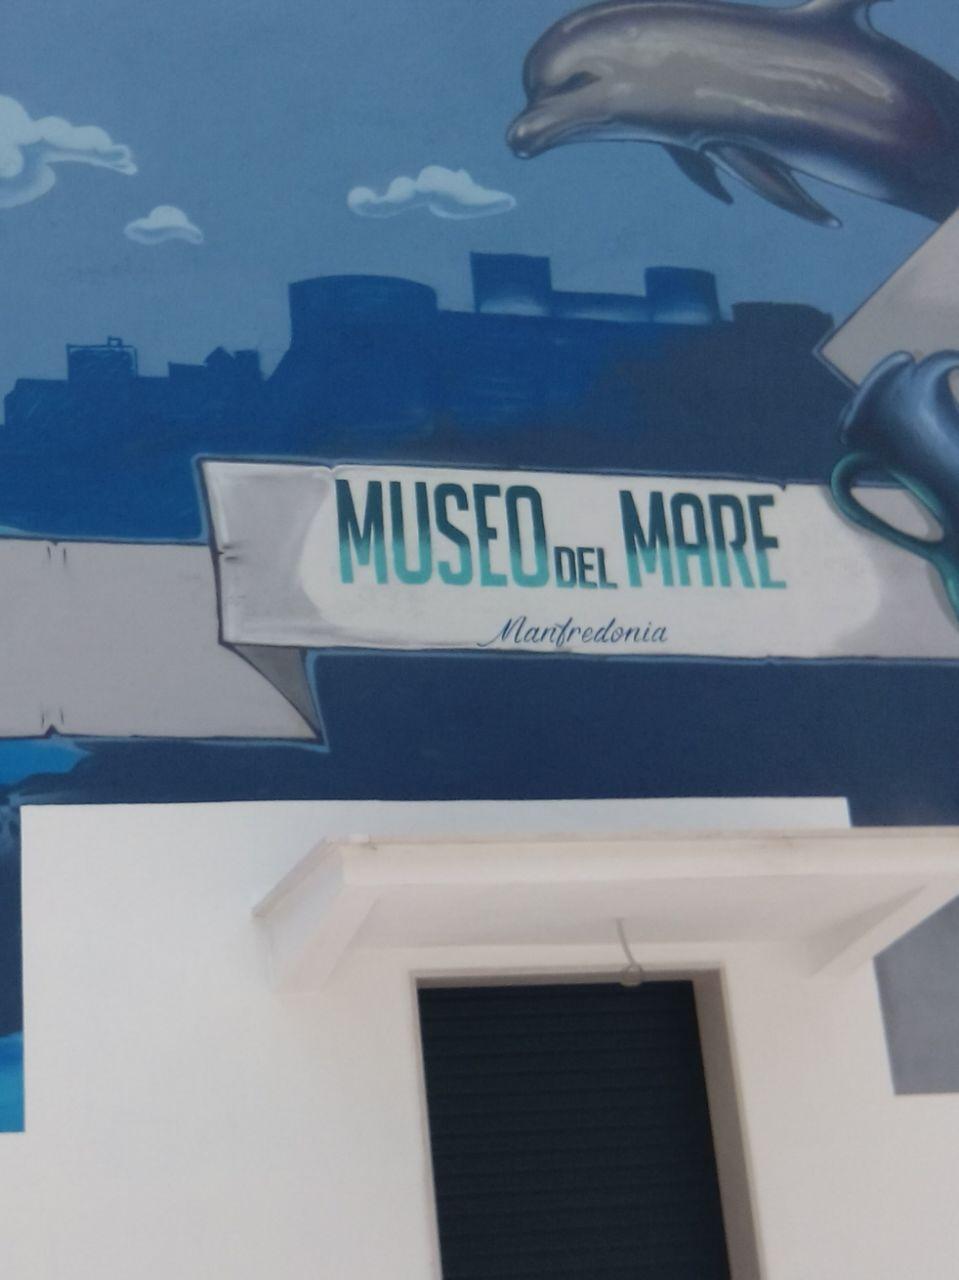 museodelmare-manfredonia-statoquotidiano-15042014 (1)